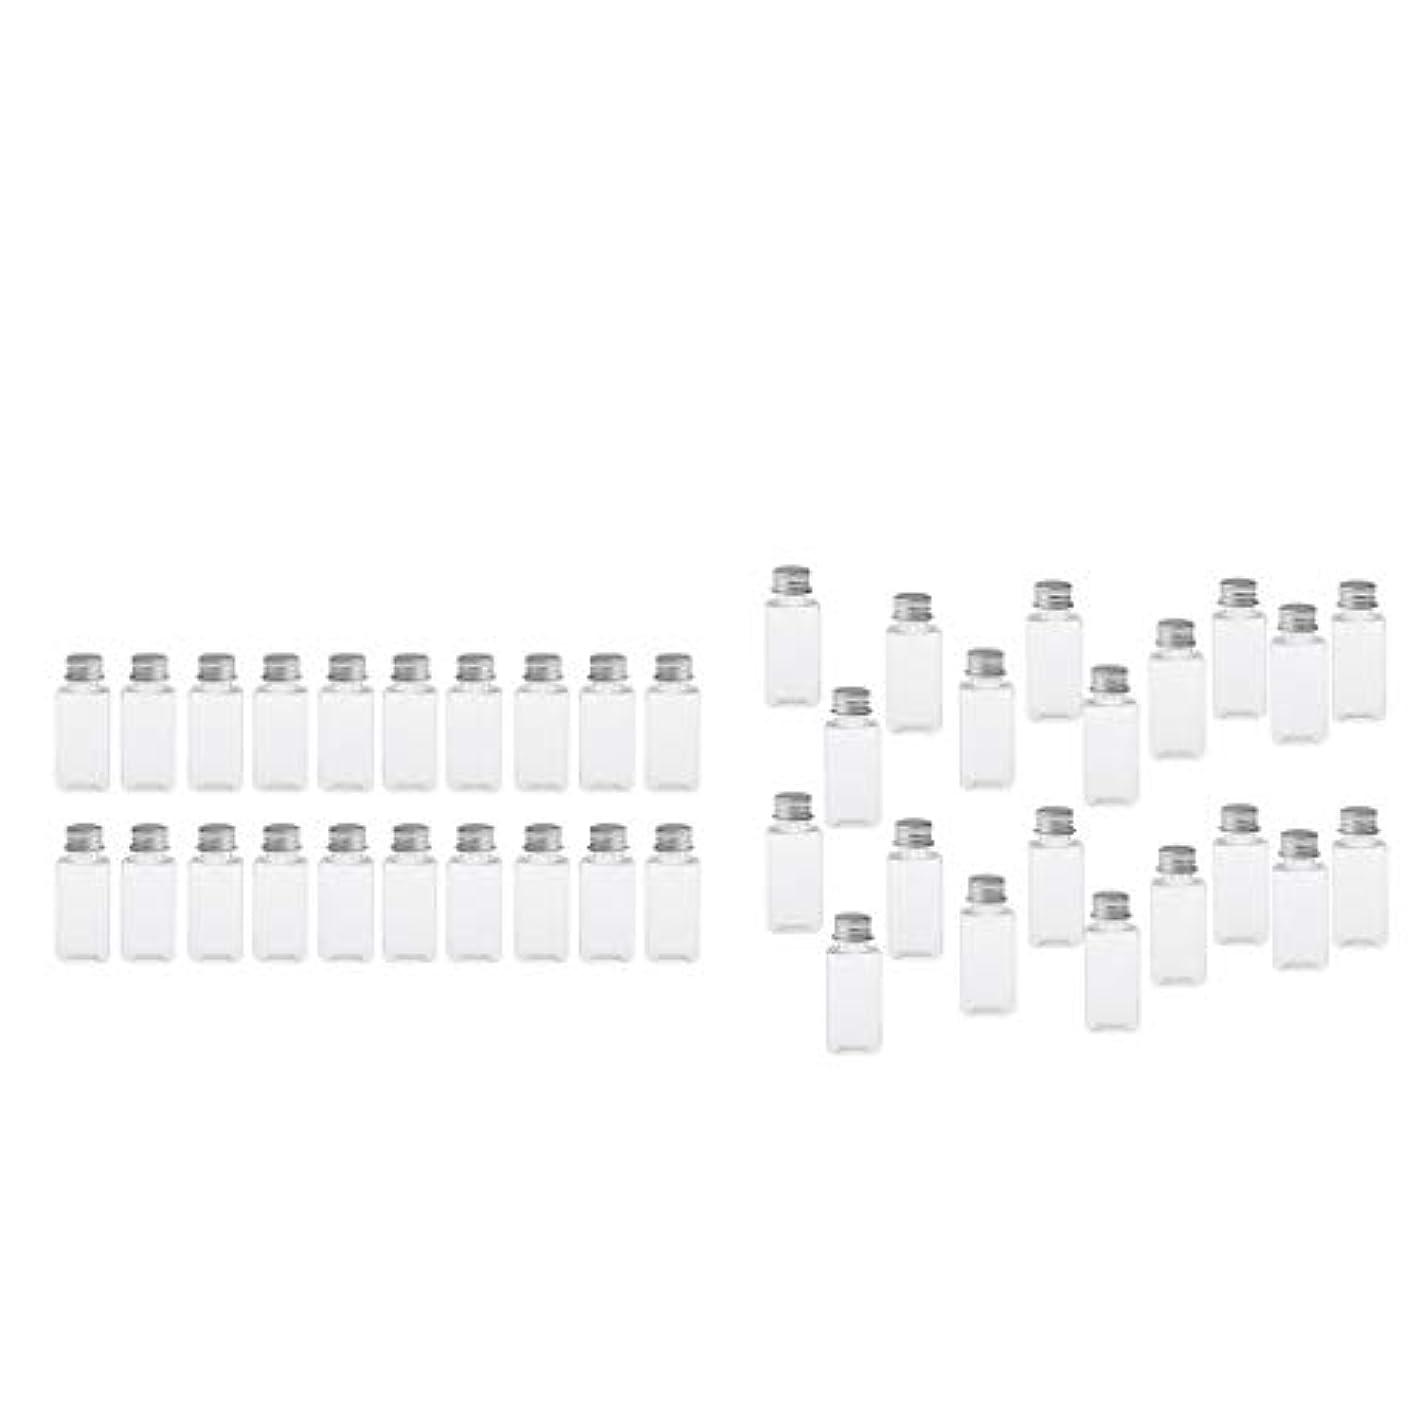 アレルギー性ベンチャー豊かにするT TOOYFUL 60個入り 空ボトル メイクアップボトル ローションボトル 化粧ボトル 旅行用品 全4選択 - クリア+銀(約40個)